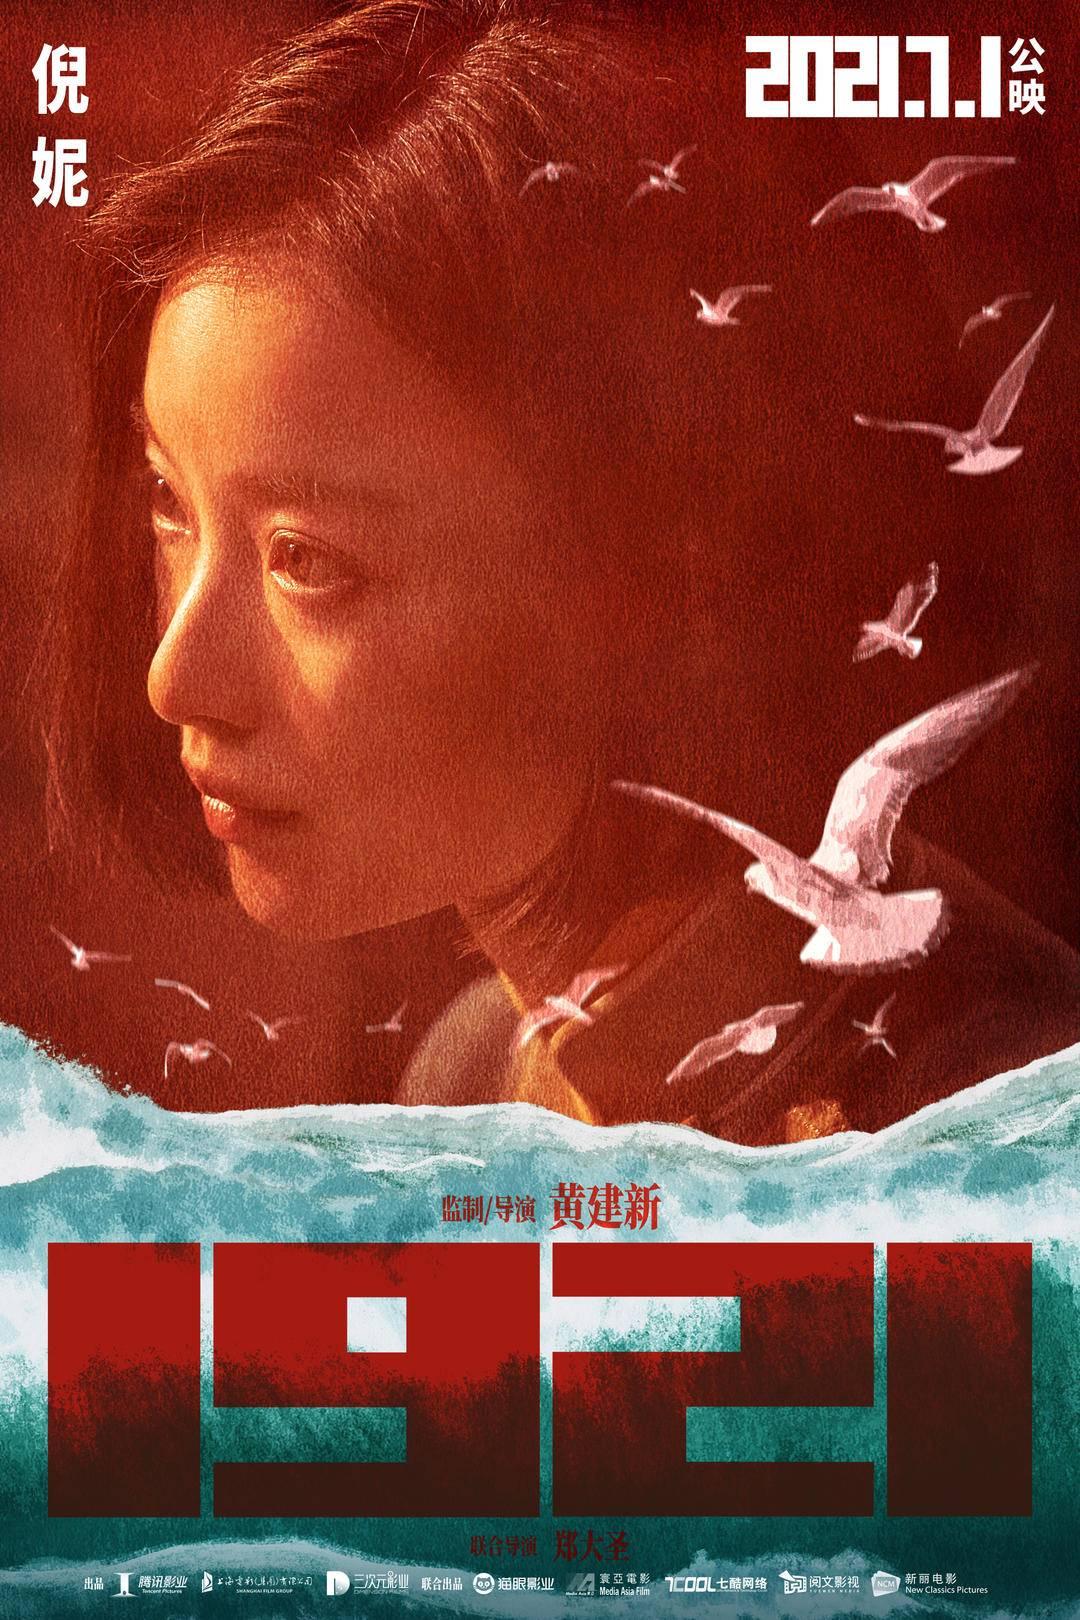 刘诗诗、倪妮、宋佳、宋轶、佟丽娅等,电影《1921》首曝女性阵容